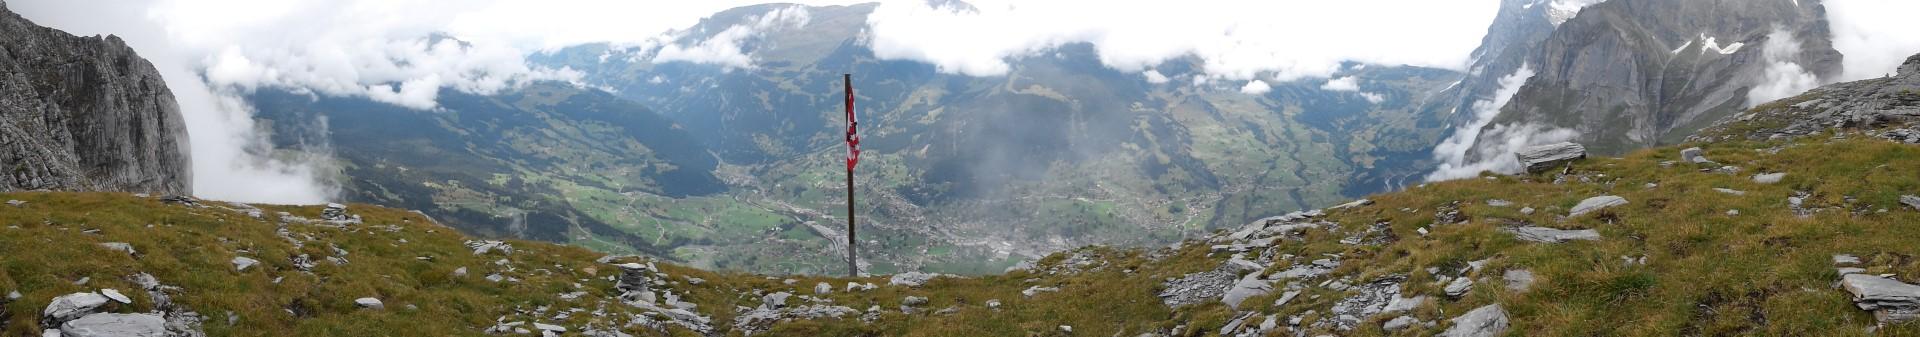 Klettersteige Grindelwald (70)